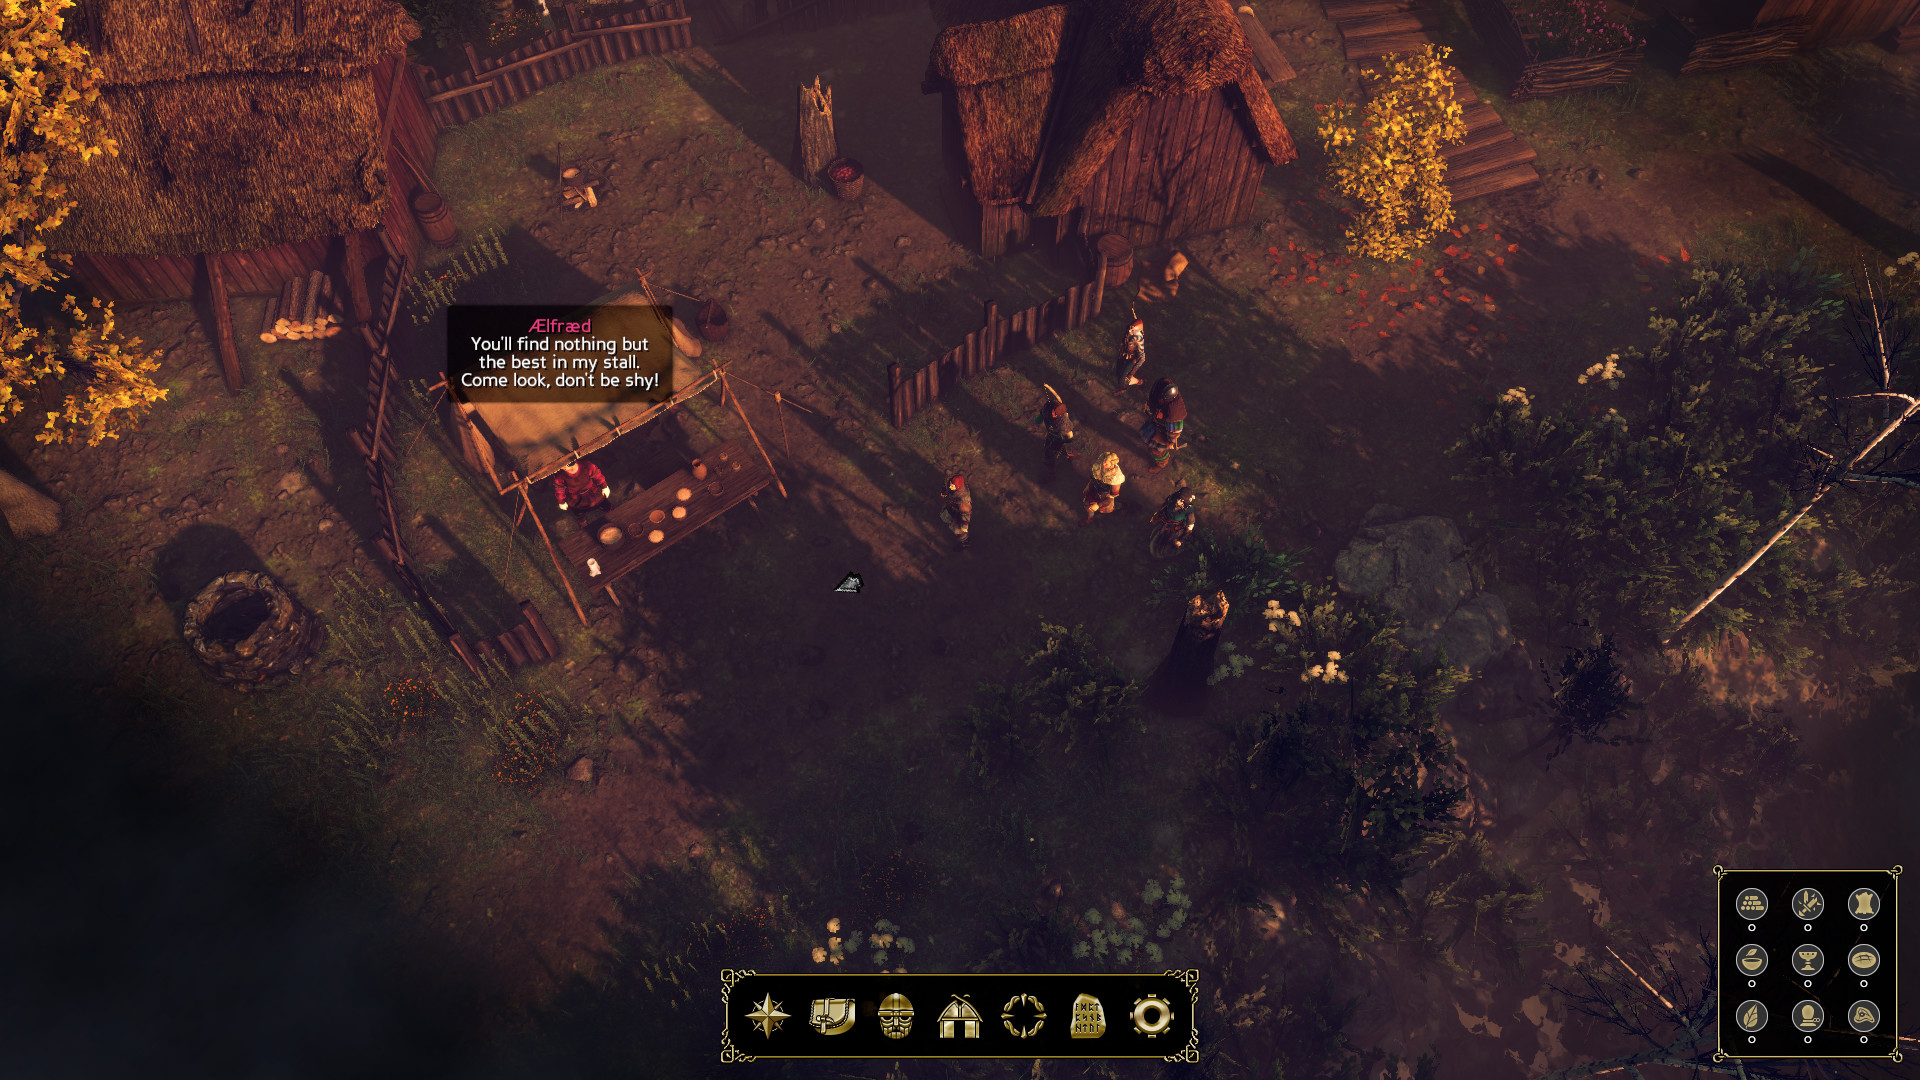 expeditions-viking-pc-screenshot-1